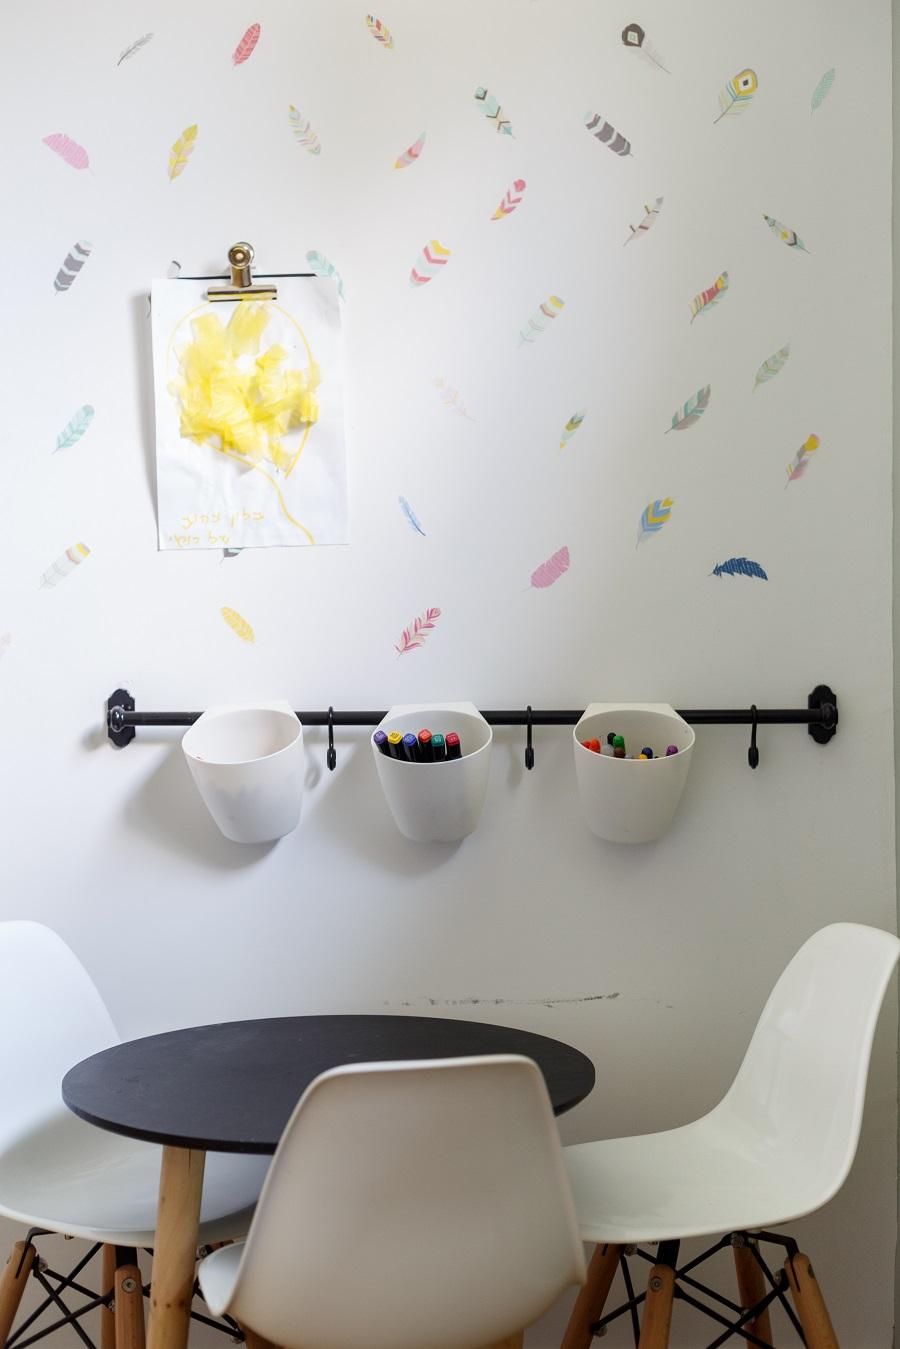 עיצוב: מירית פיש | צילום: אורית ארנון